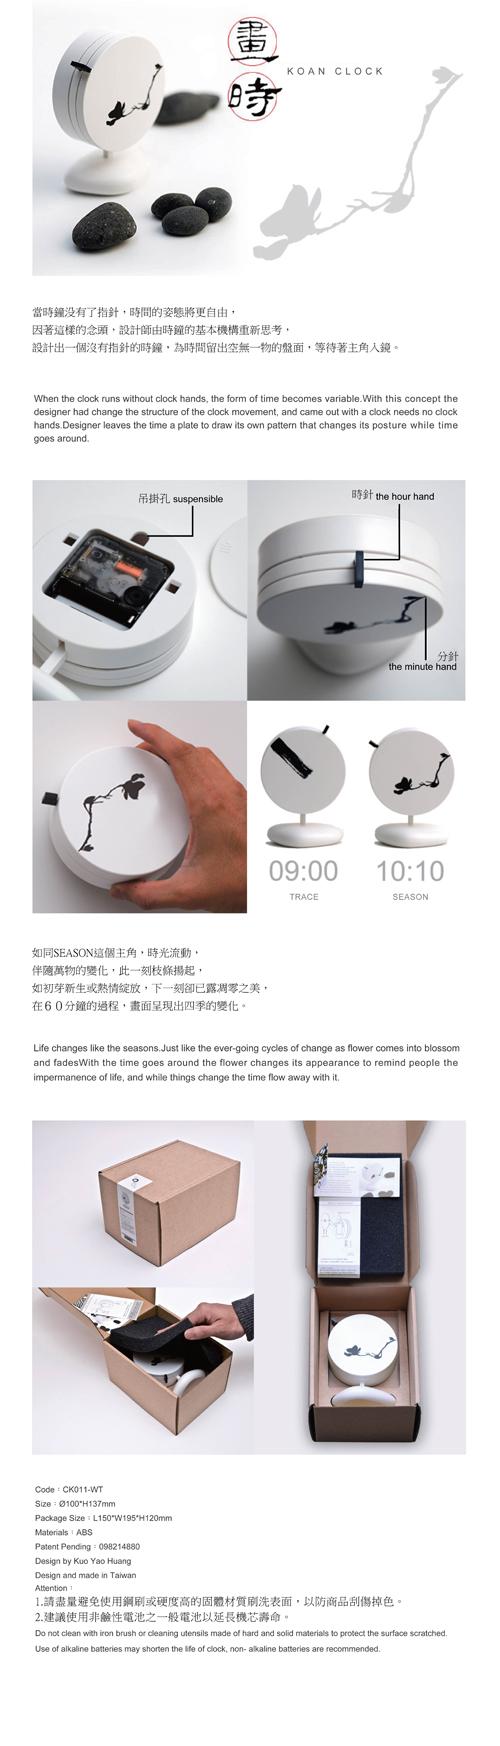 【FINAL CALL】KOAN+ 畫時 KOAN CLOCK SEASON